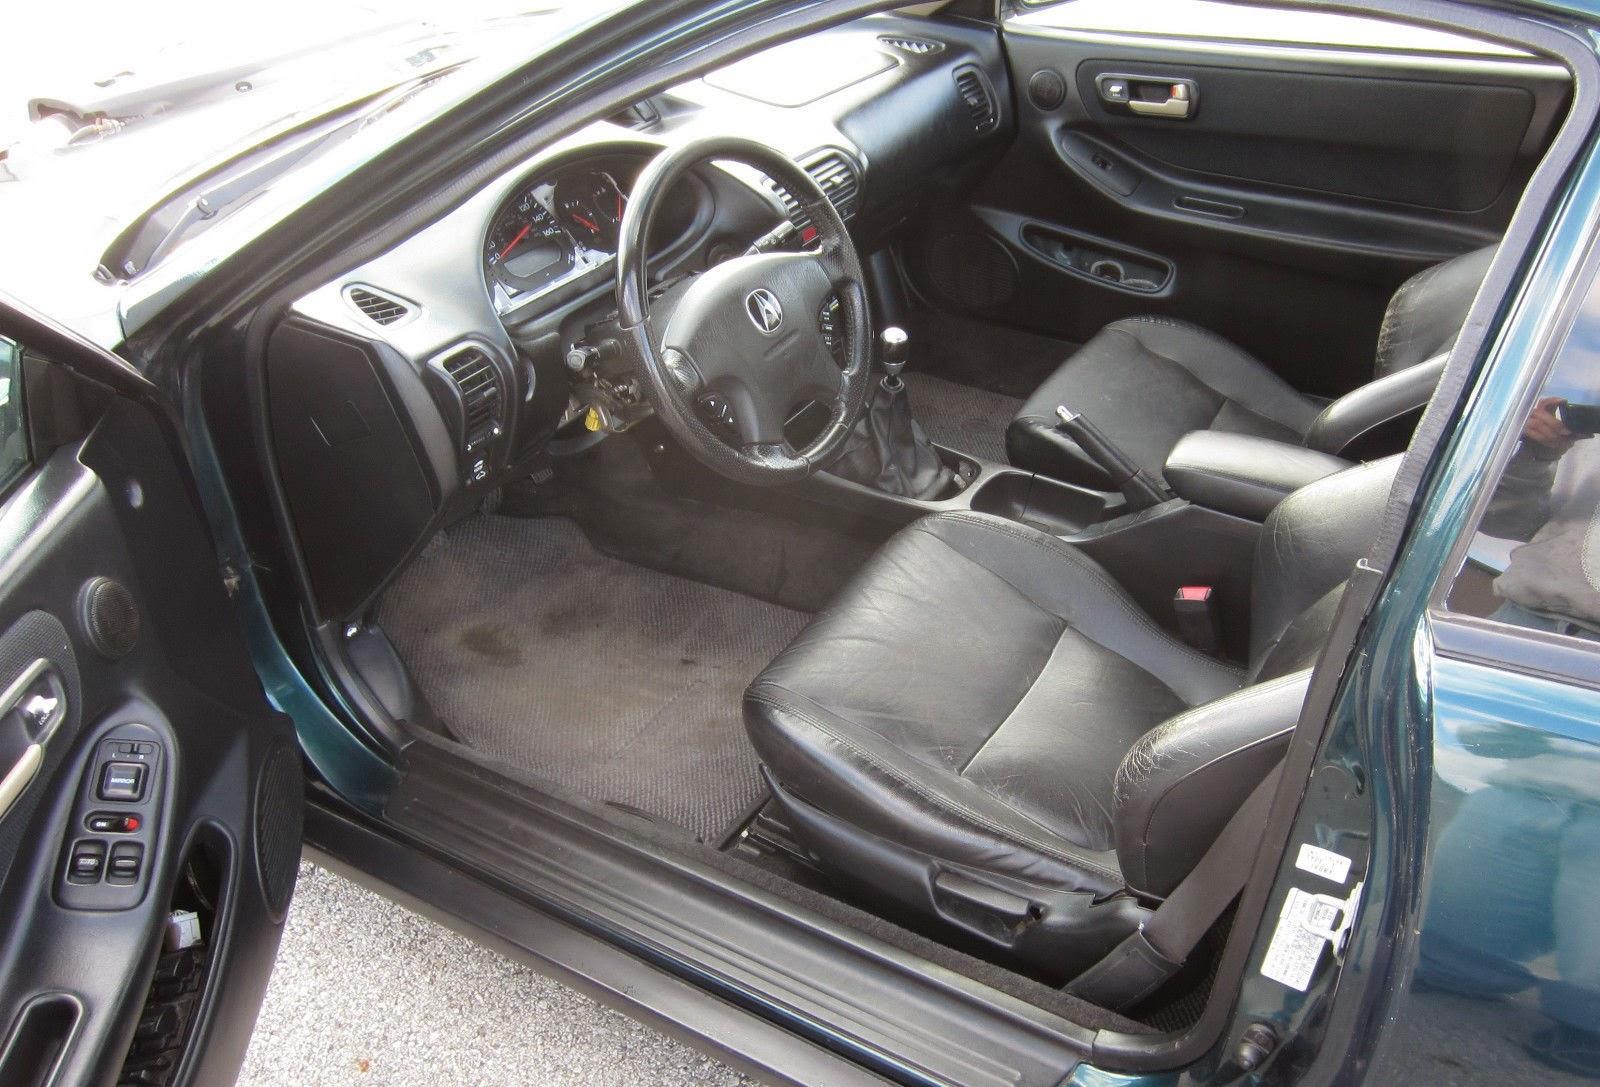 Daily Turismo: 10k: VTEC Kicked In   No: 1997 Acura Integra